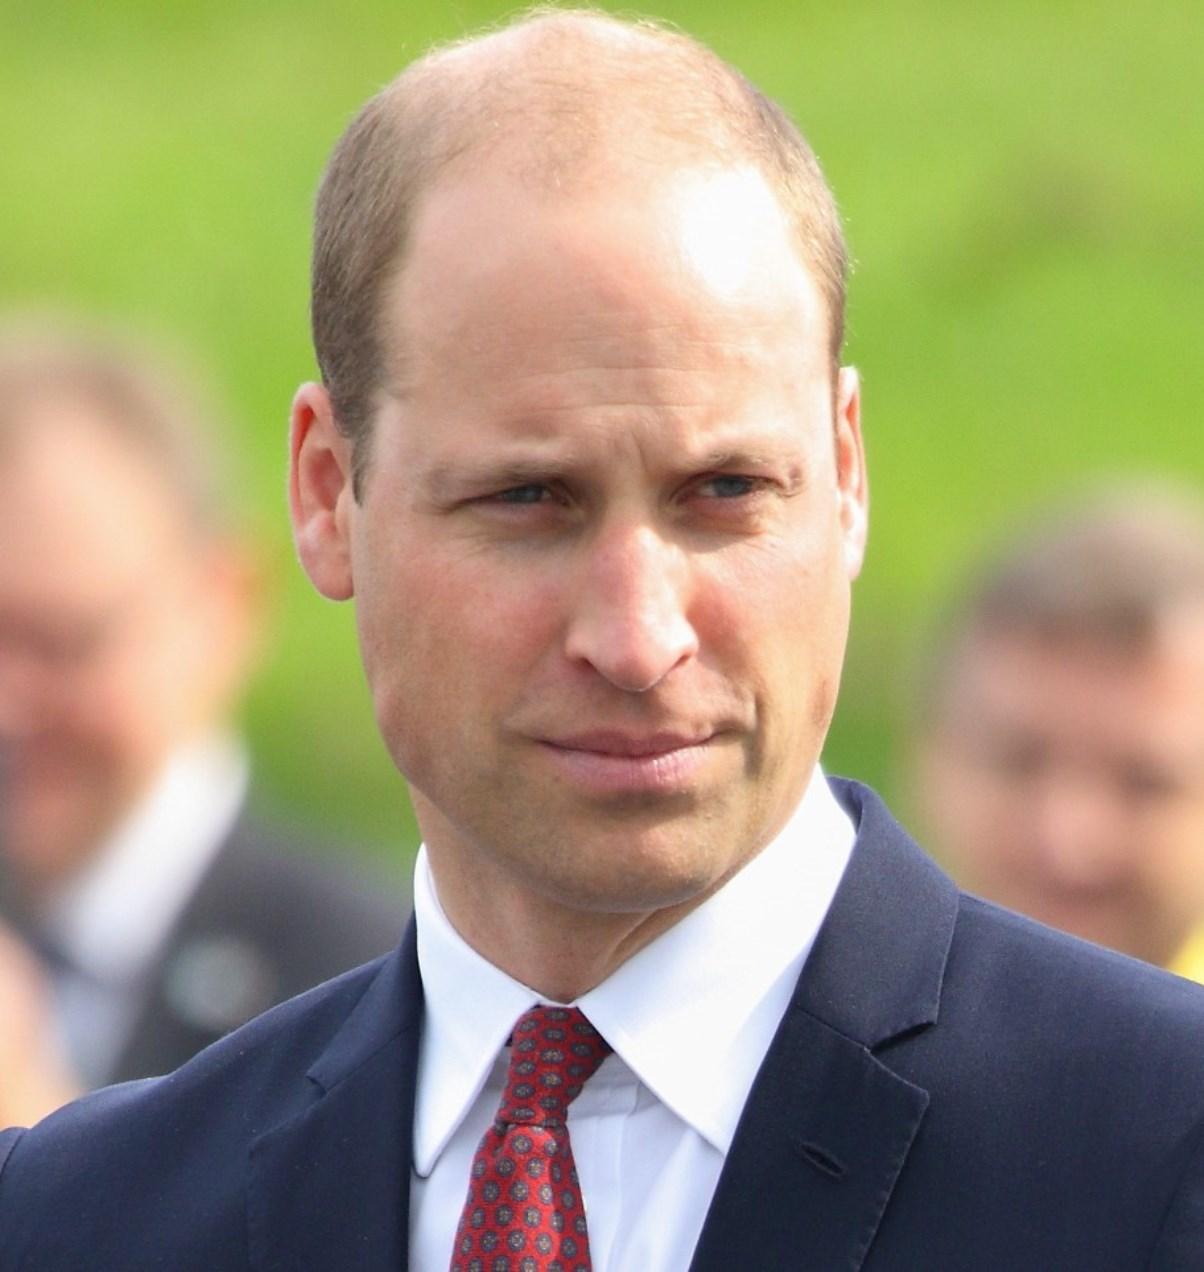 principe william aiuta famiglia afghana